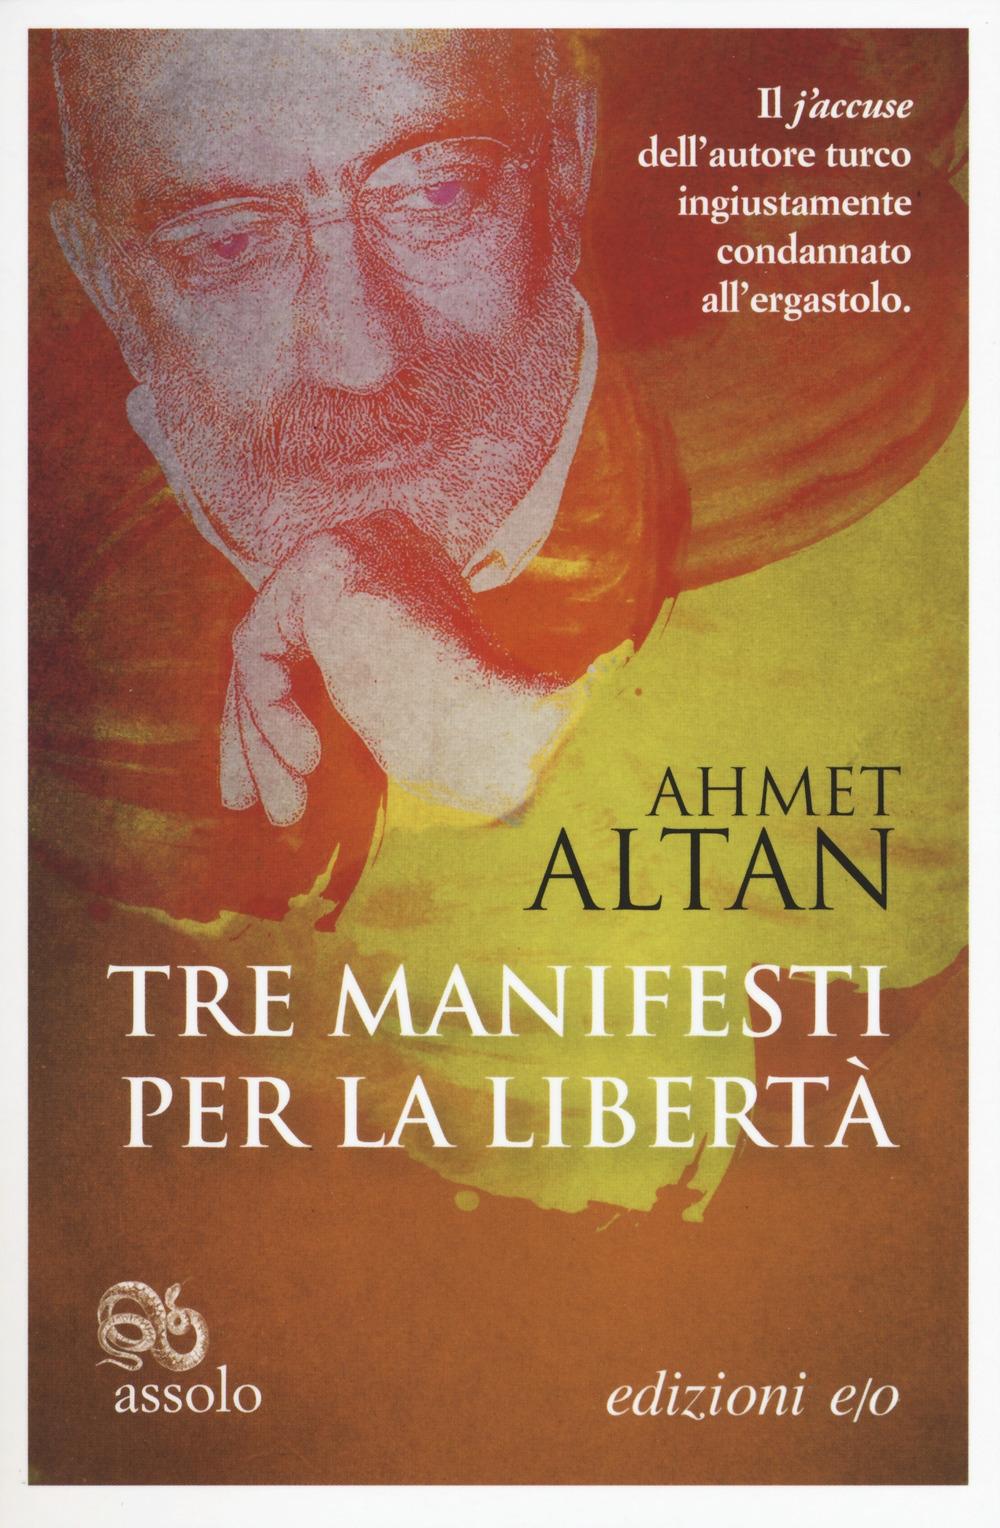 Tre manifesti per la libertà